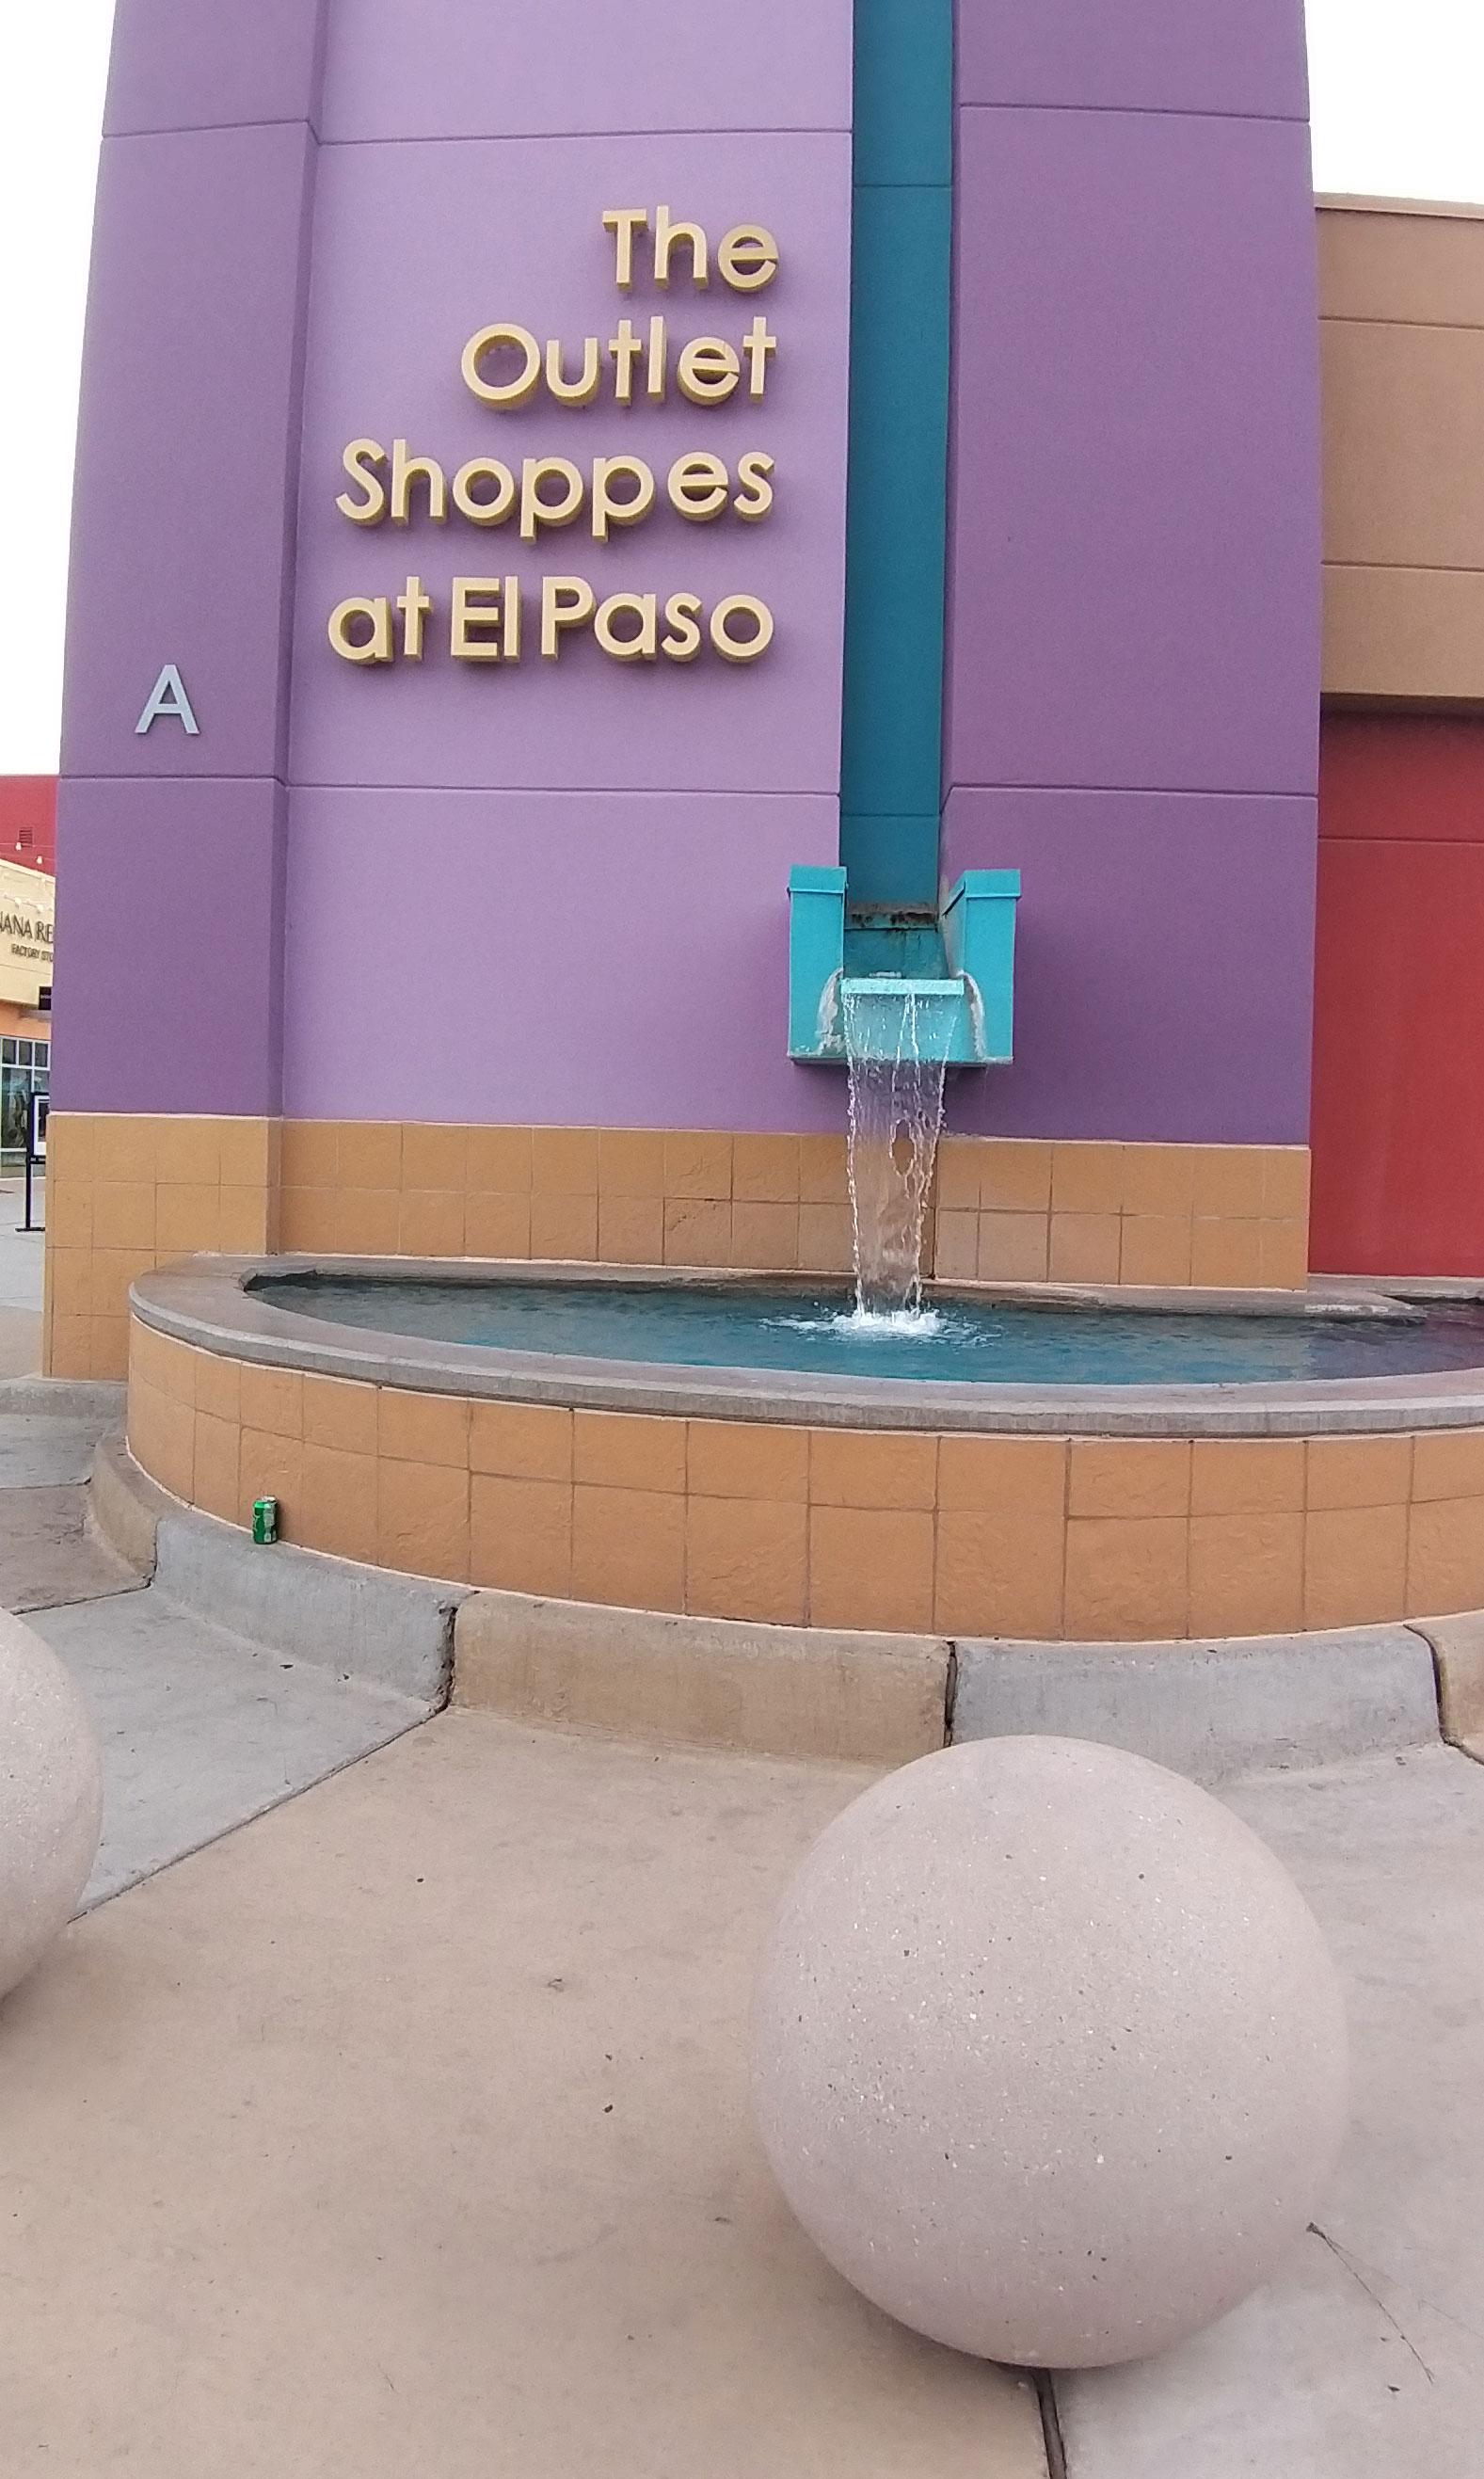 Outlet de El Paso Texas Outlet Shoppes